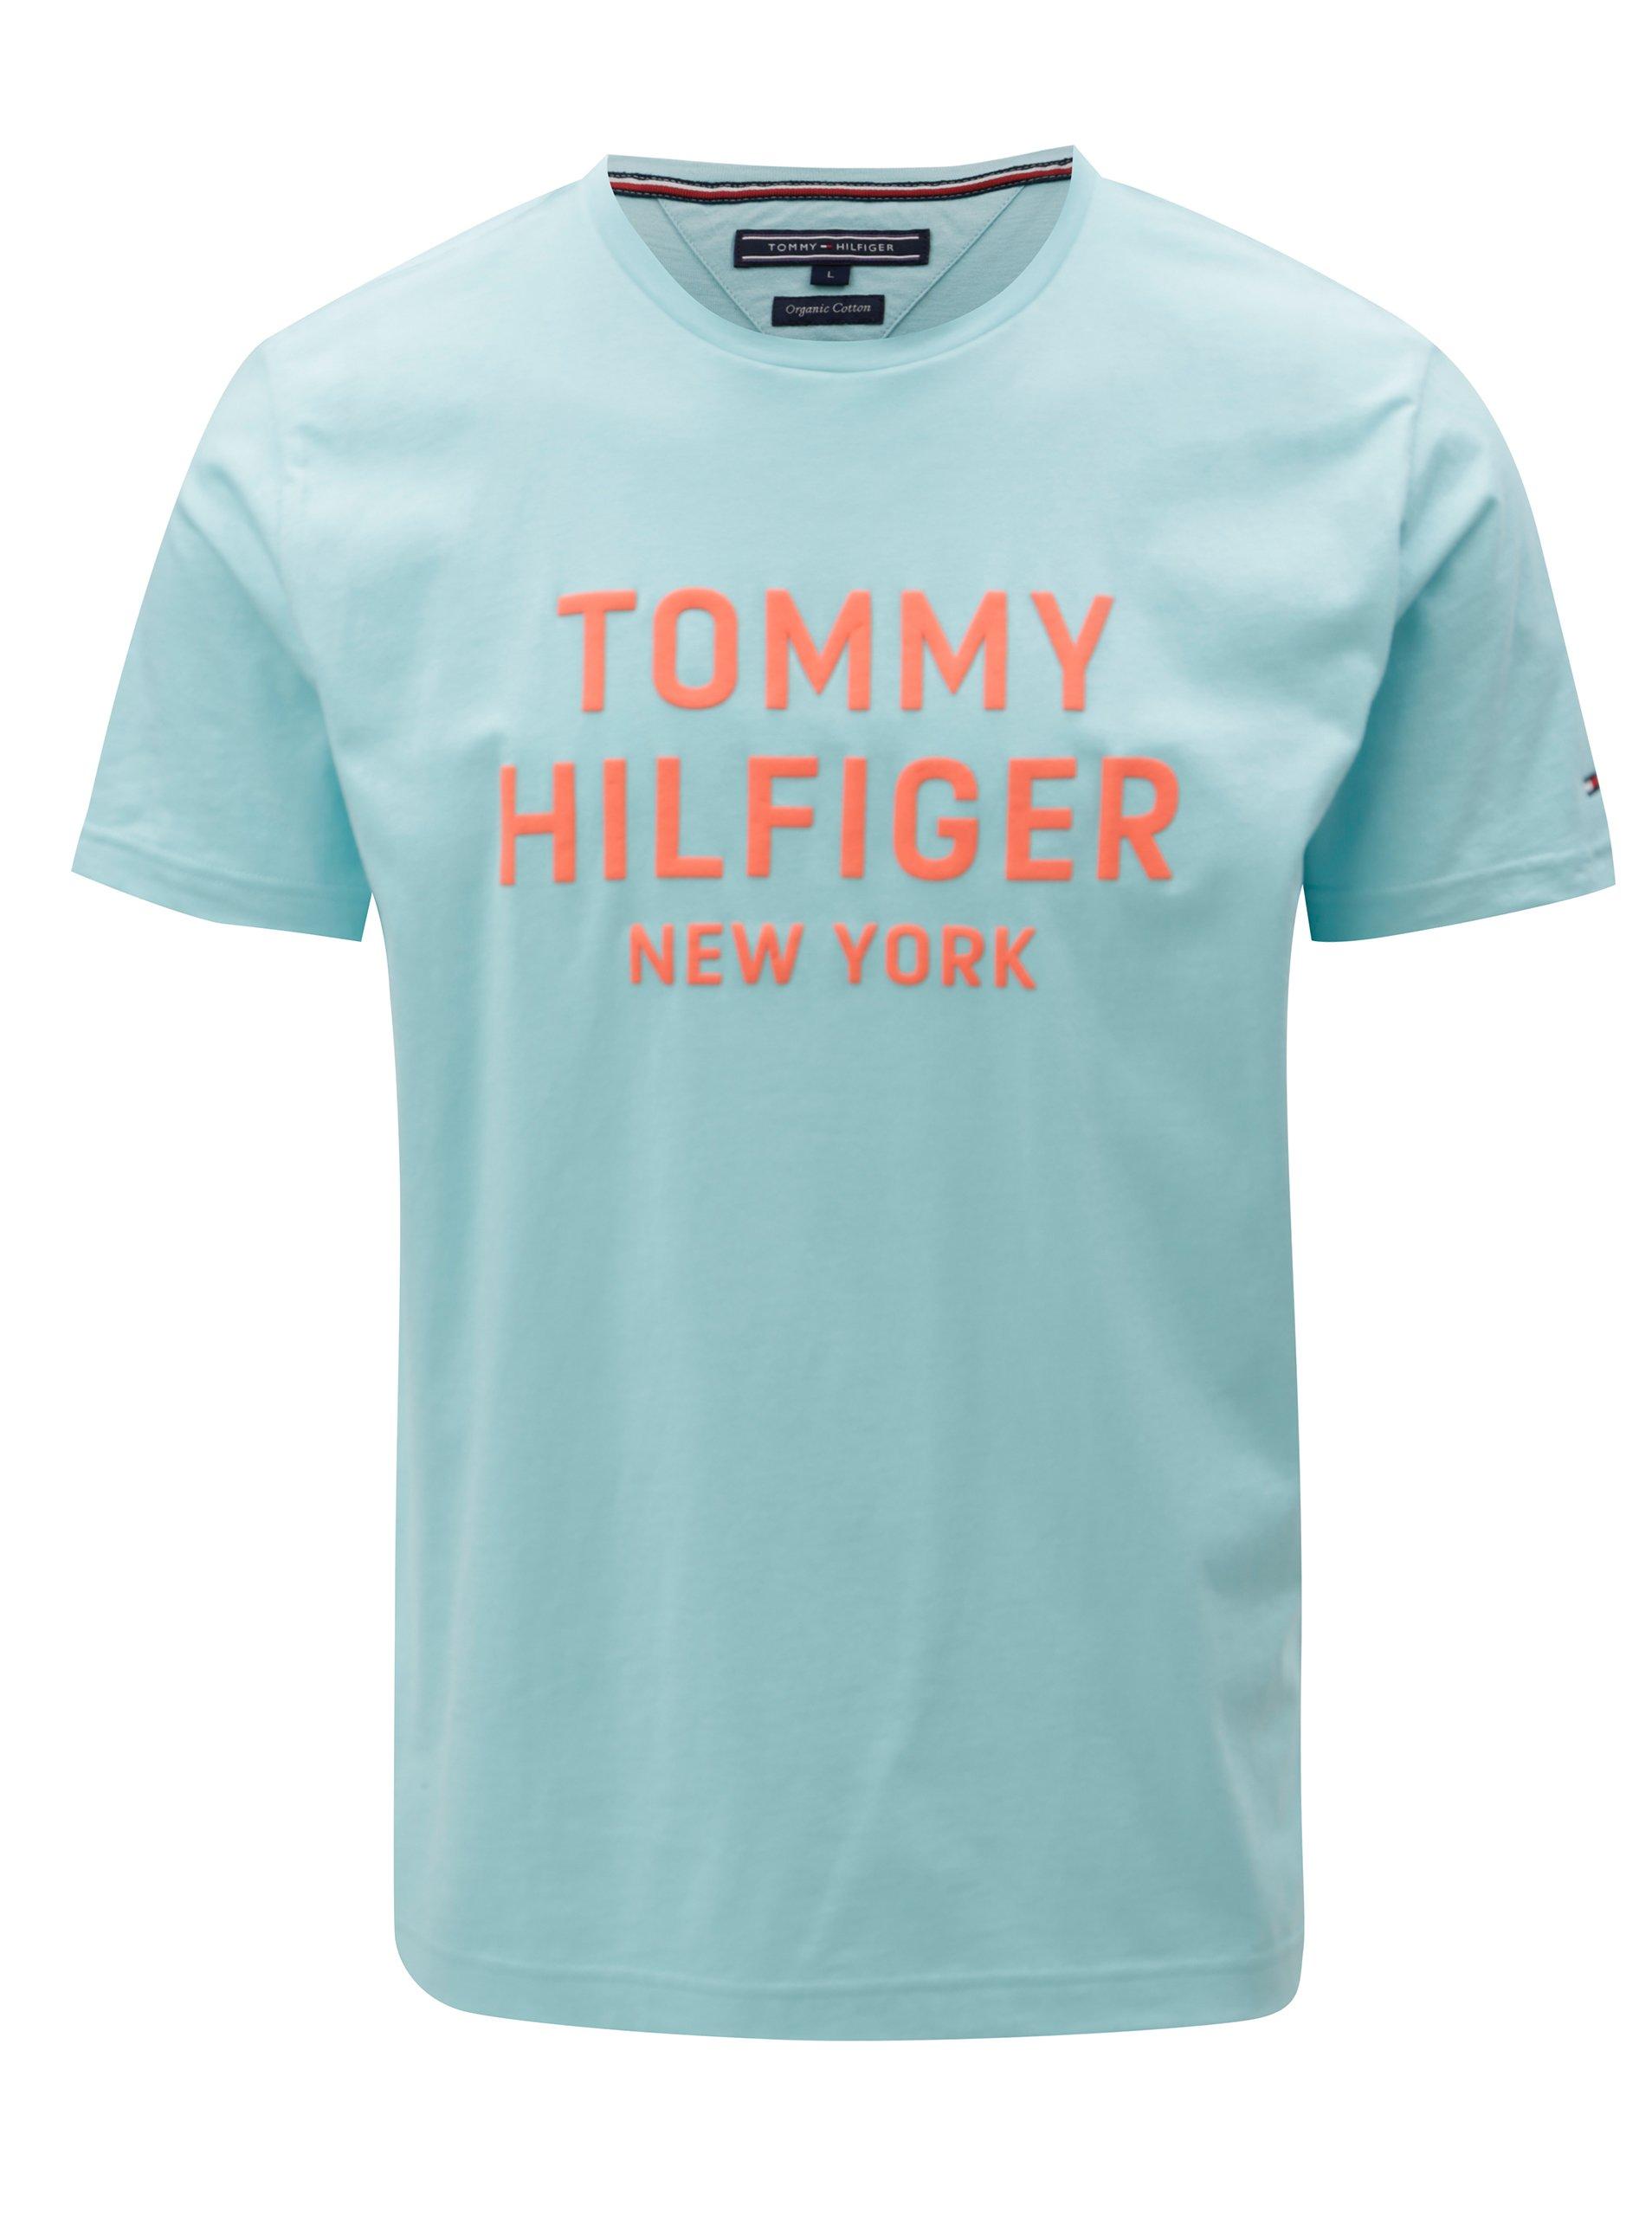 5d160b79e6 Oranžovo-tyrkysové pánske tričko s potlačou Tommy Hilfiger